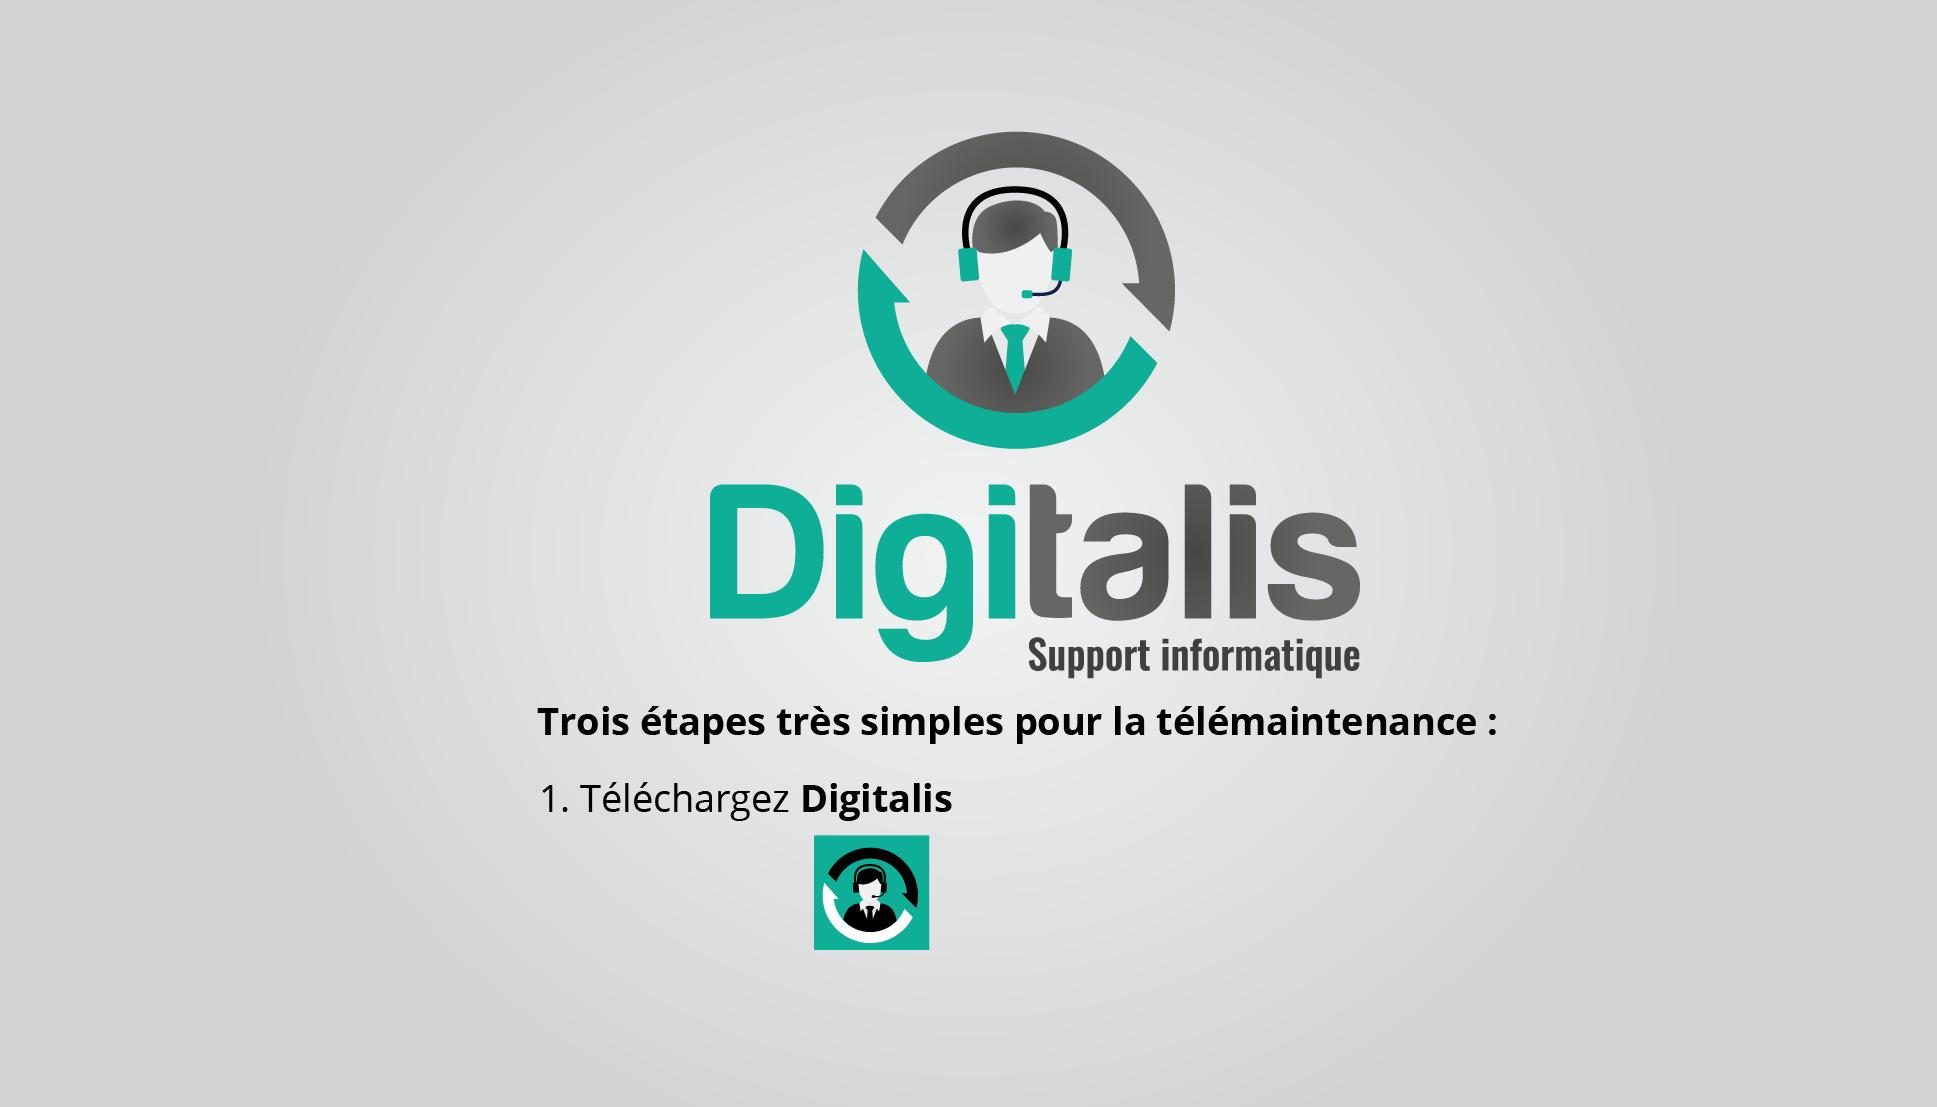 digitalis-2